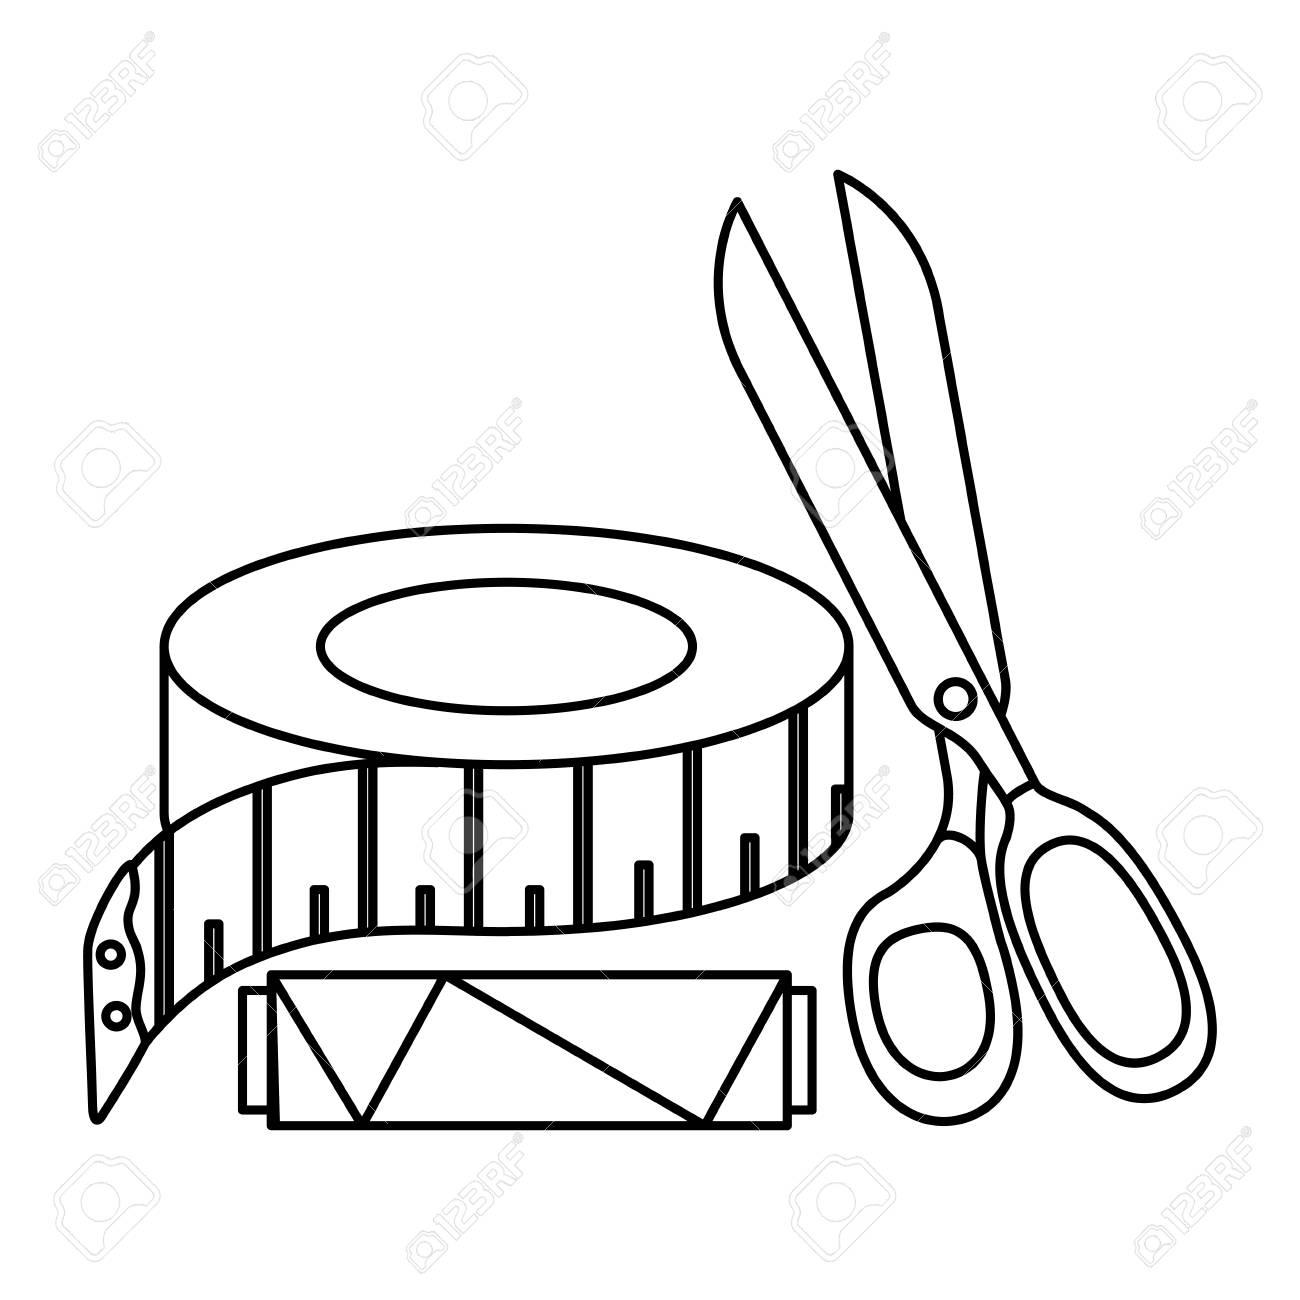 Tape Measure Drawing At Getdrawings